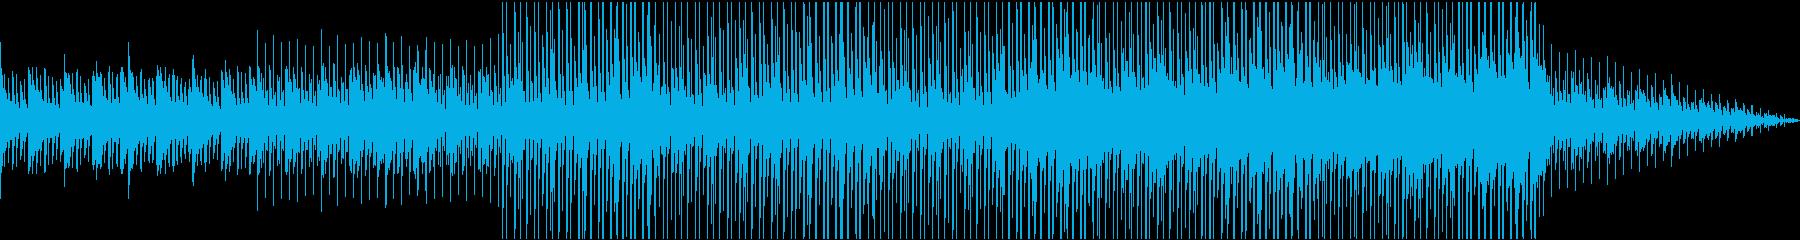 壮大なピアノストリングスの再生済みの波形